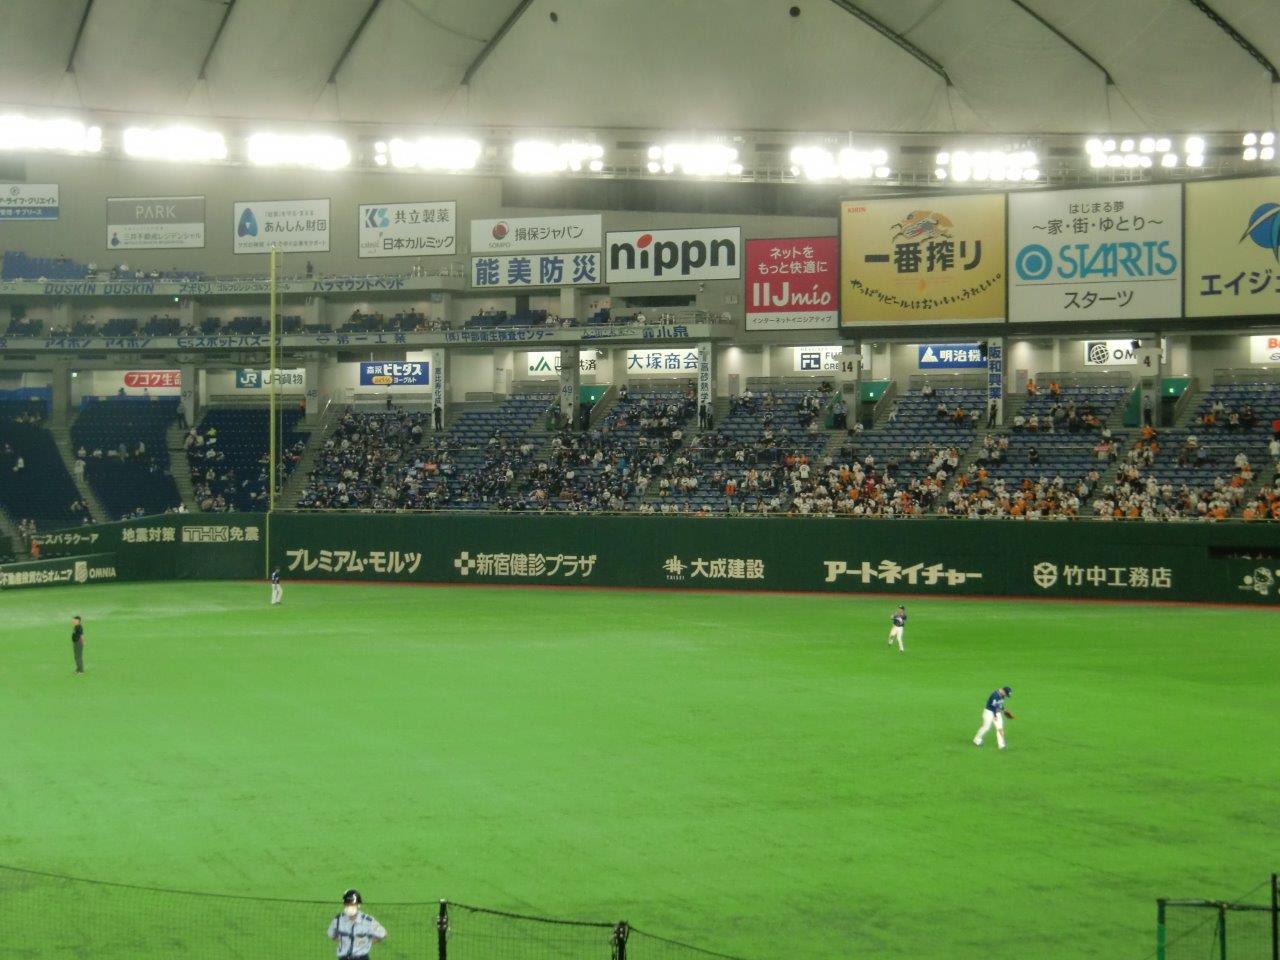 10/13(水)18時 読売巨人対阪神 東京ドーム 2021年セ・リーグ公式戦の画像